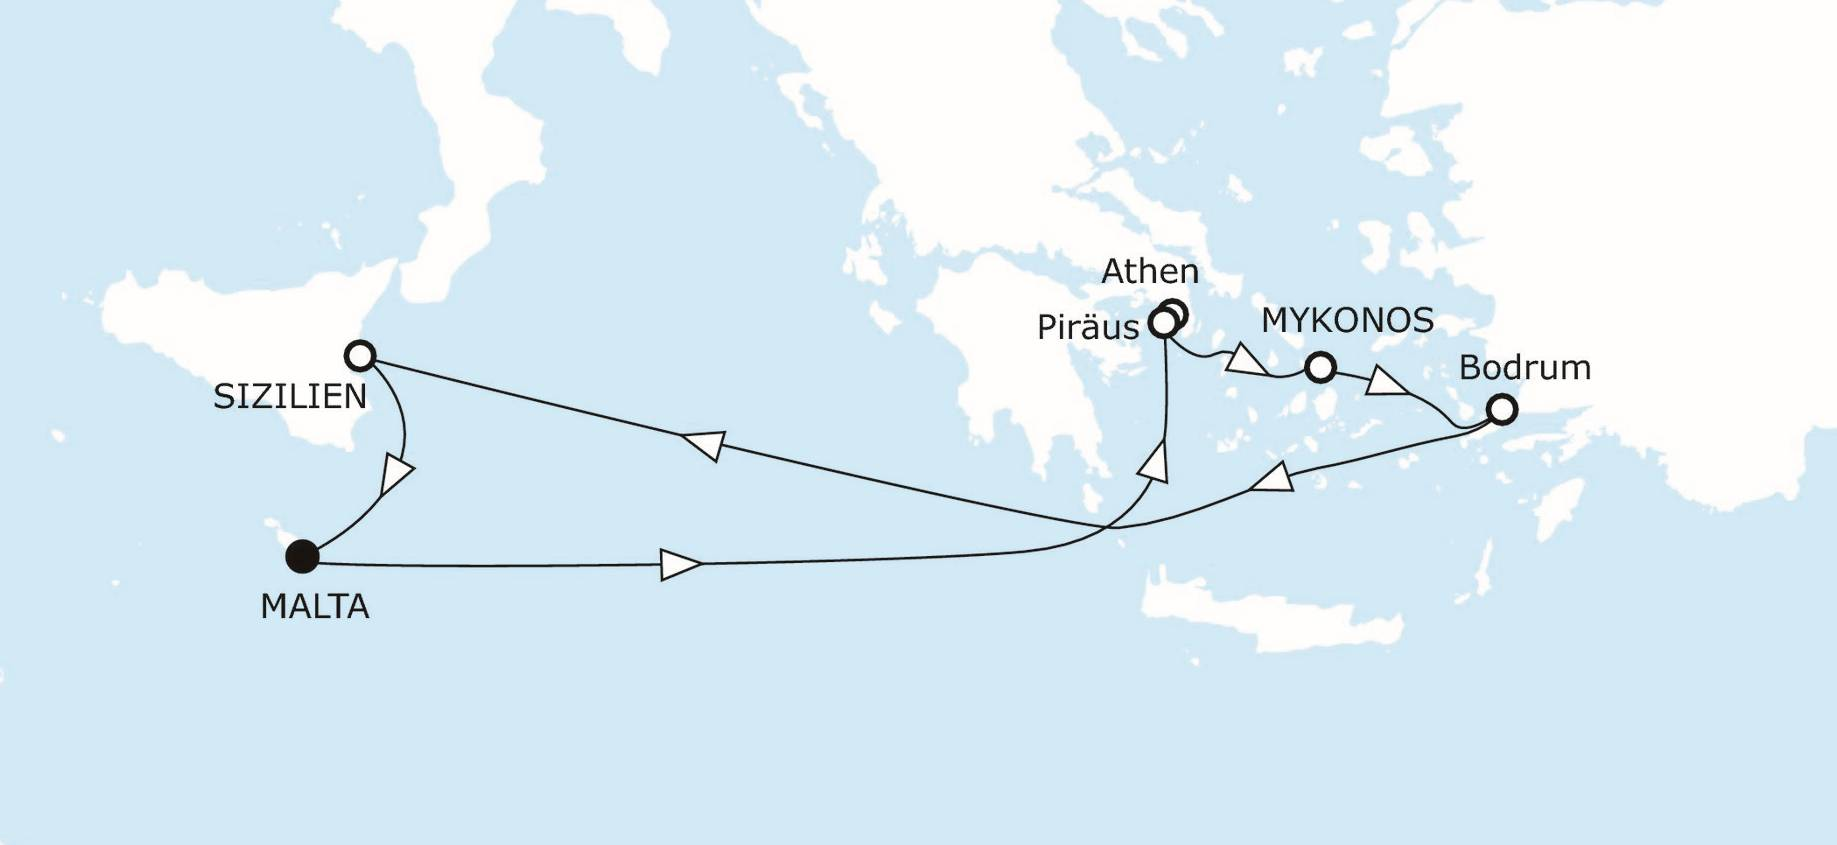 Bodrum Karte.östliches Mittelmeer Mit Bodrum